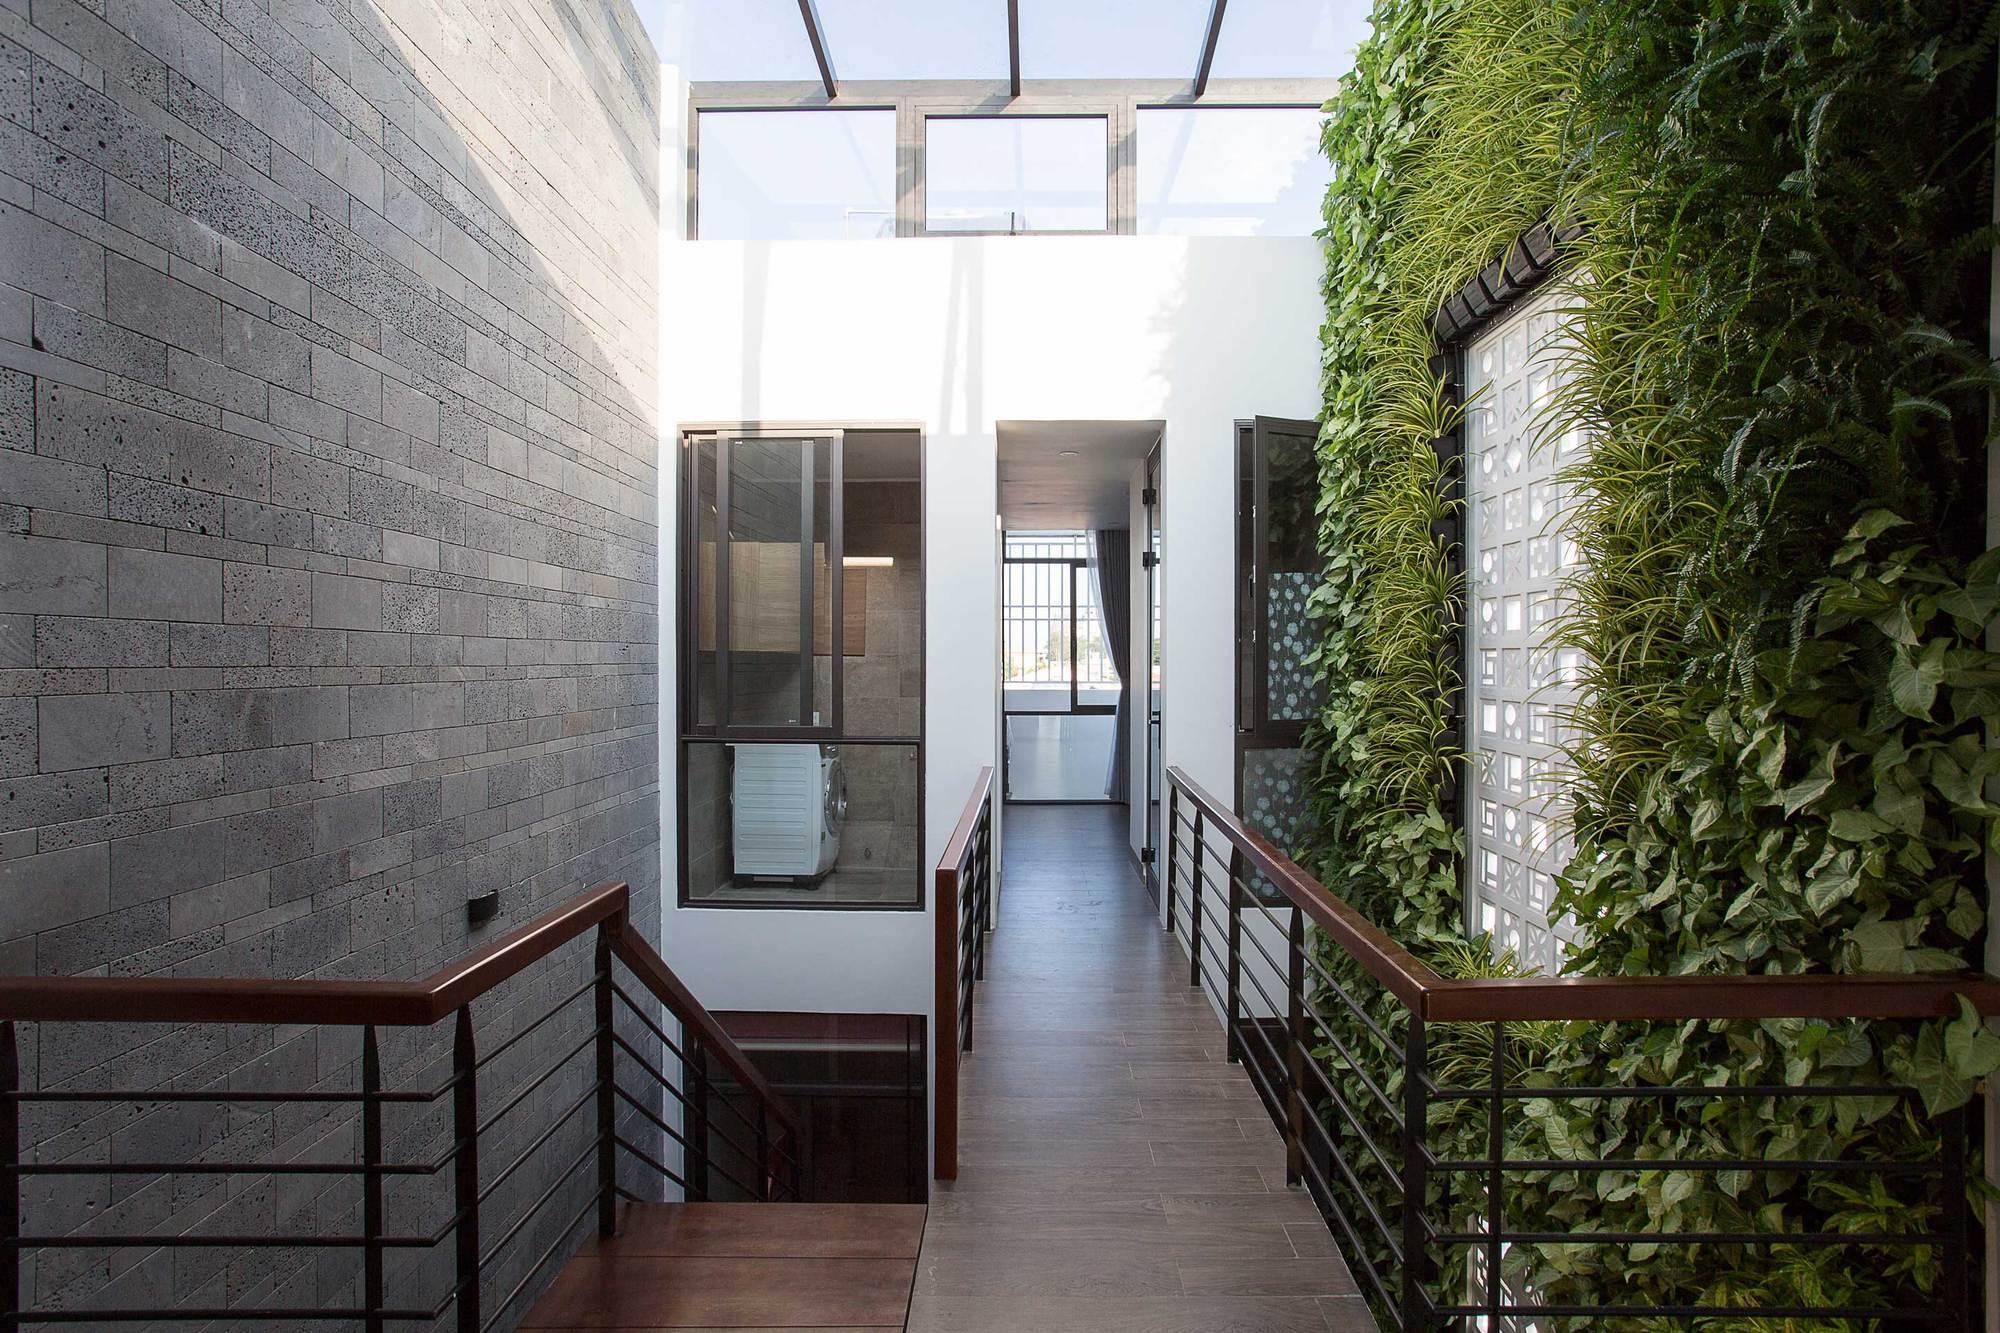 19 15463962687431944714156 - Ngôi nhà sâu đến 25m nhưng vừa xanh vừa thoáng nhờ hệ giếng trời và vườn đứng cực thông minh ở Đà Nẵng